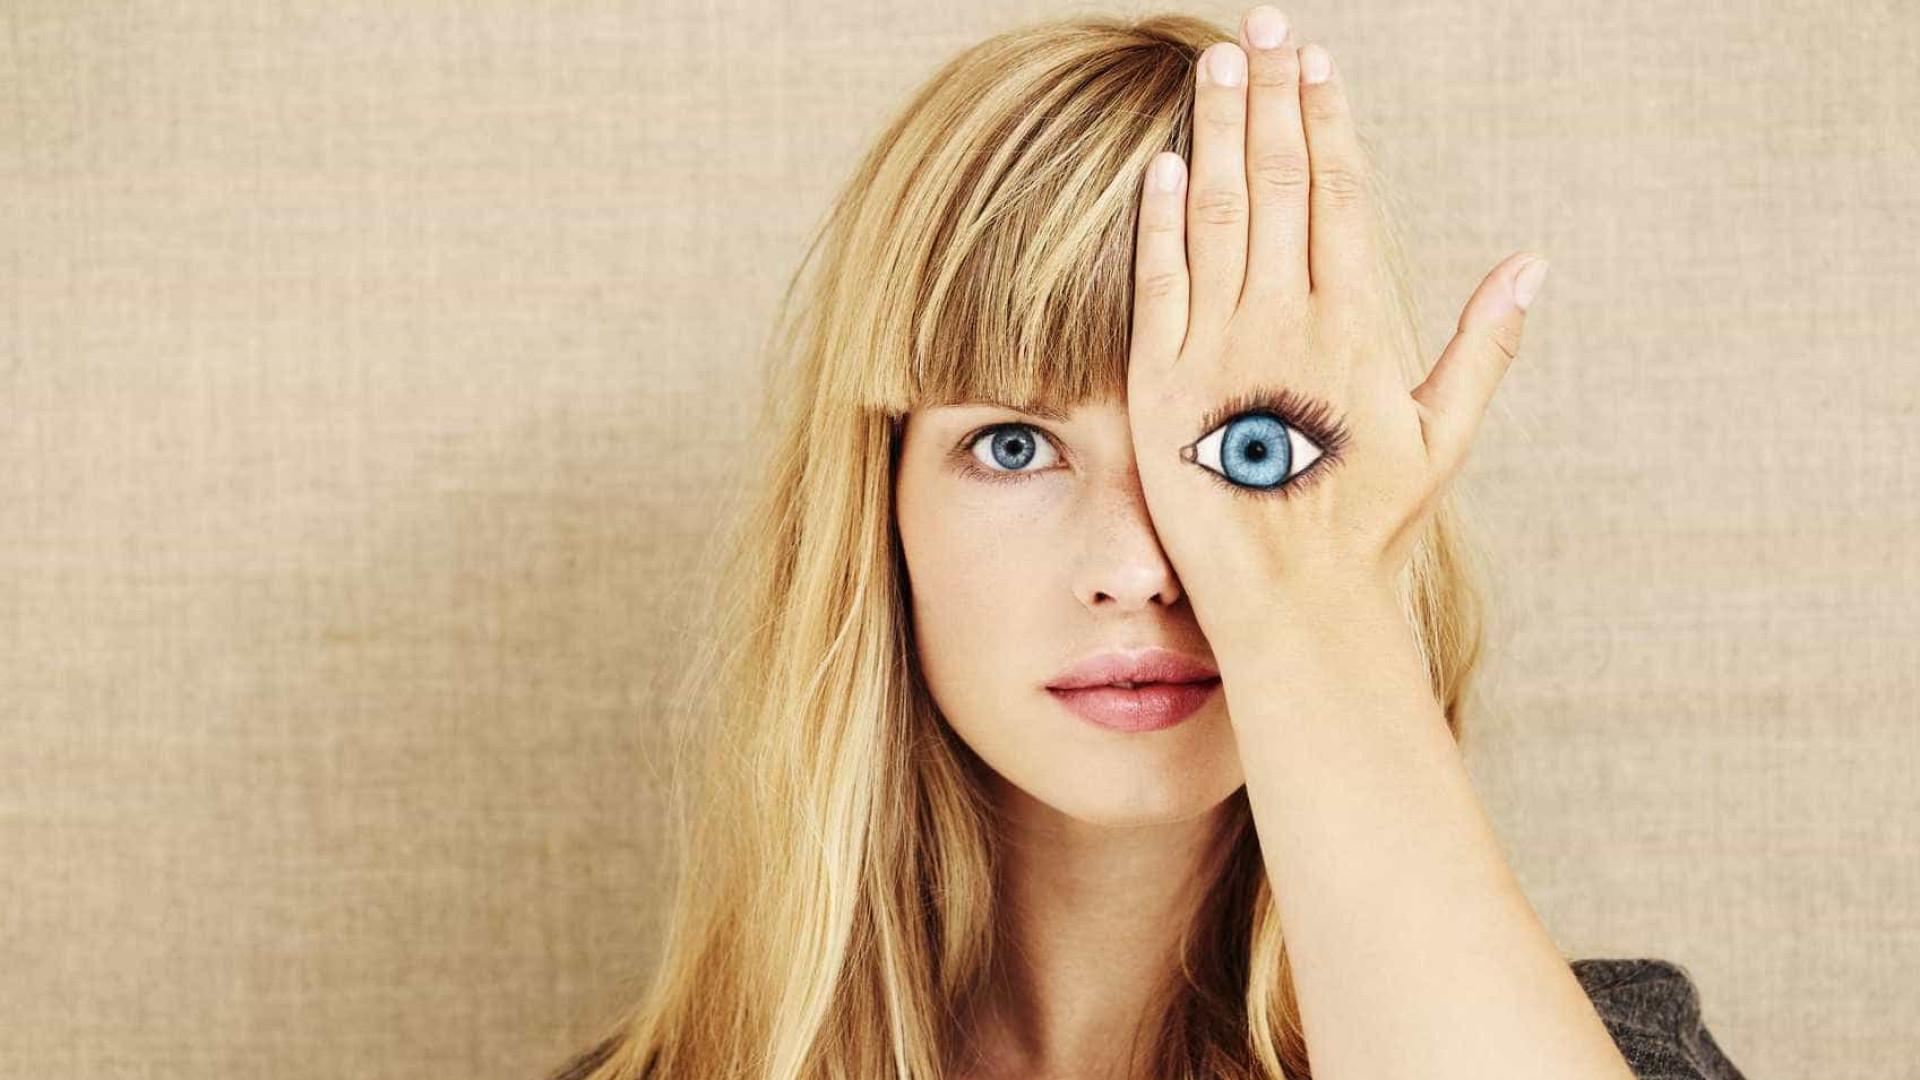 Os hábitos que podem prejudicar a saúde dos olhos